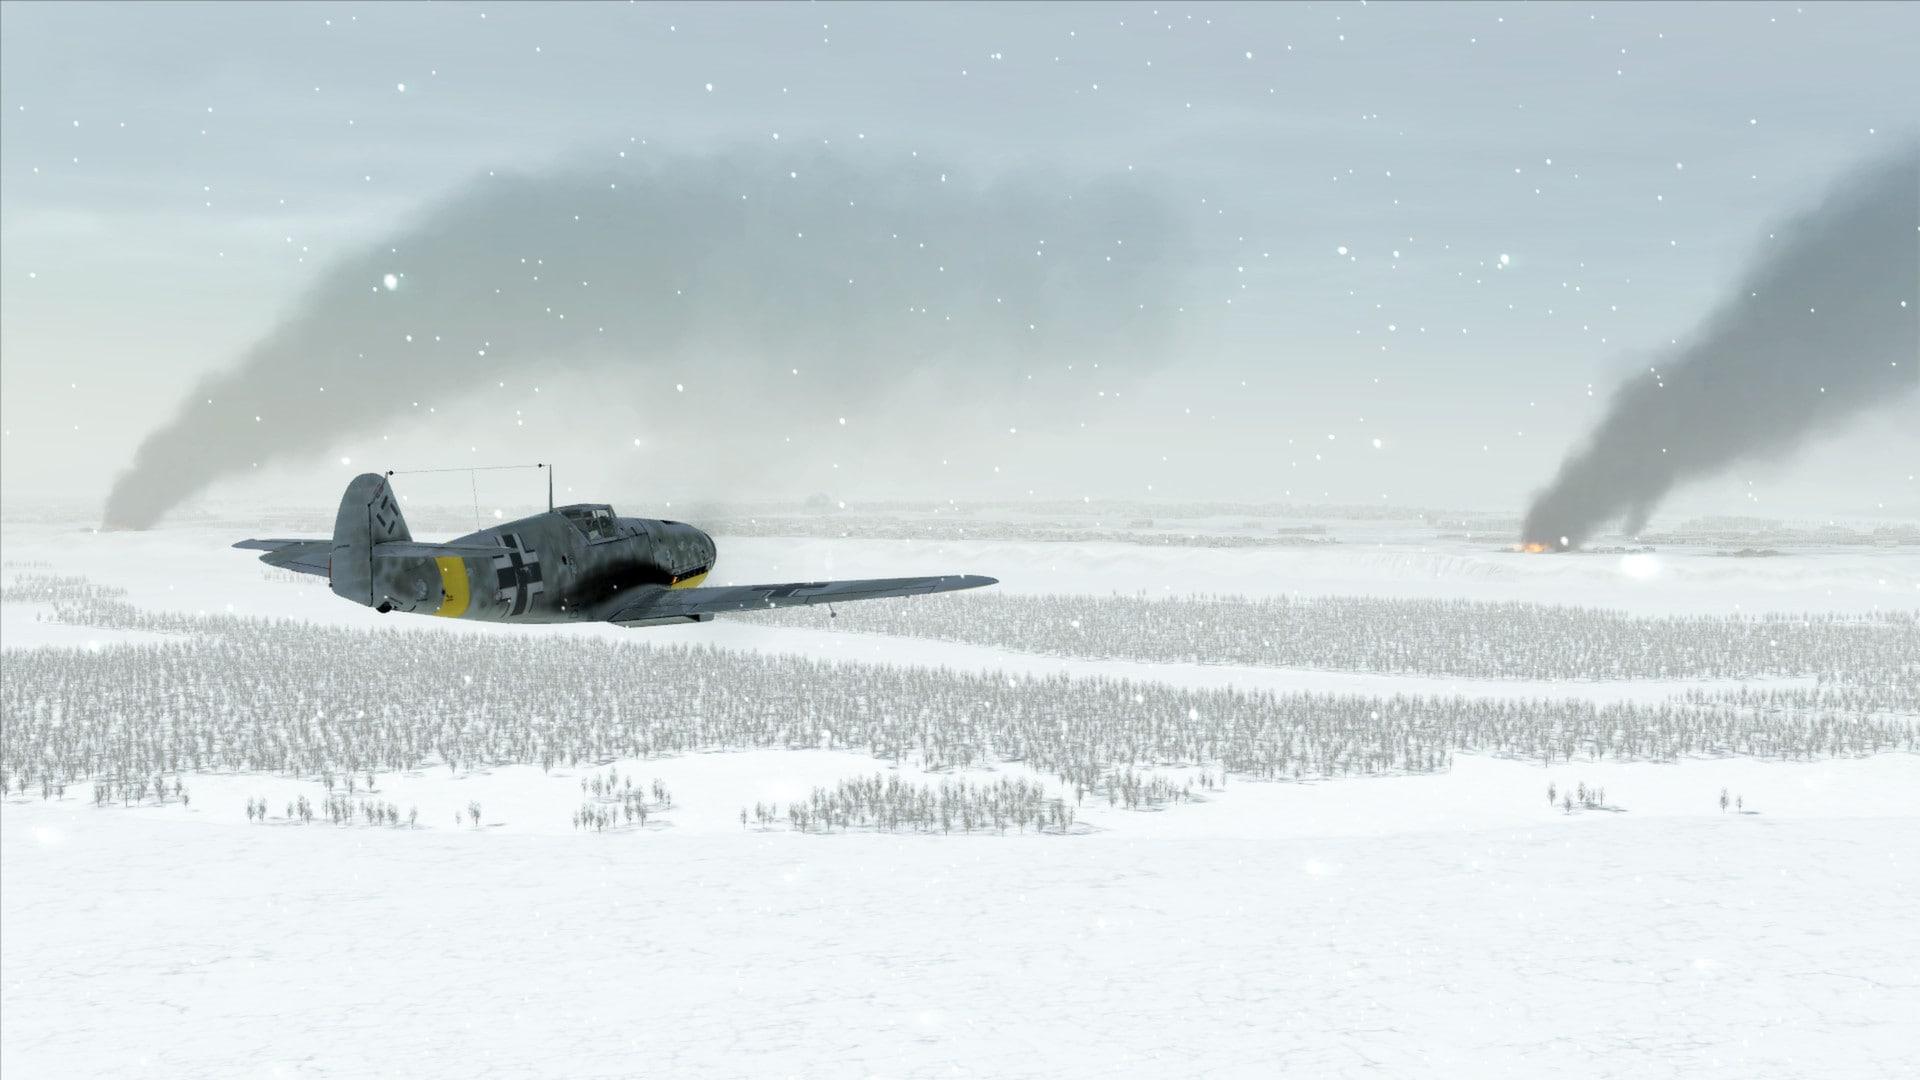 IL-2 Sturmovik: Battle of Stalingrad Steam Key GLOBAL - 4